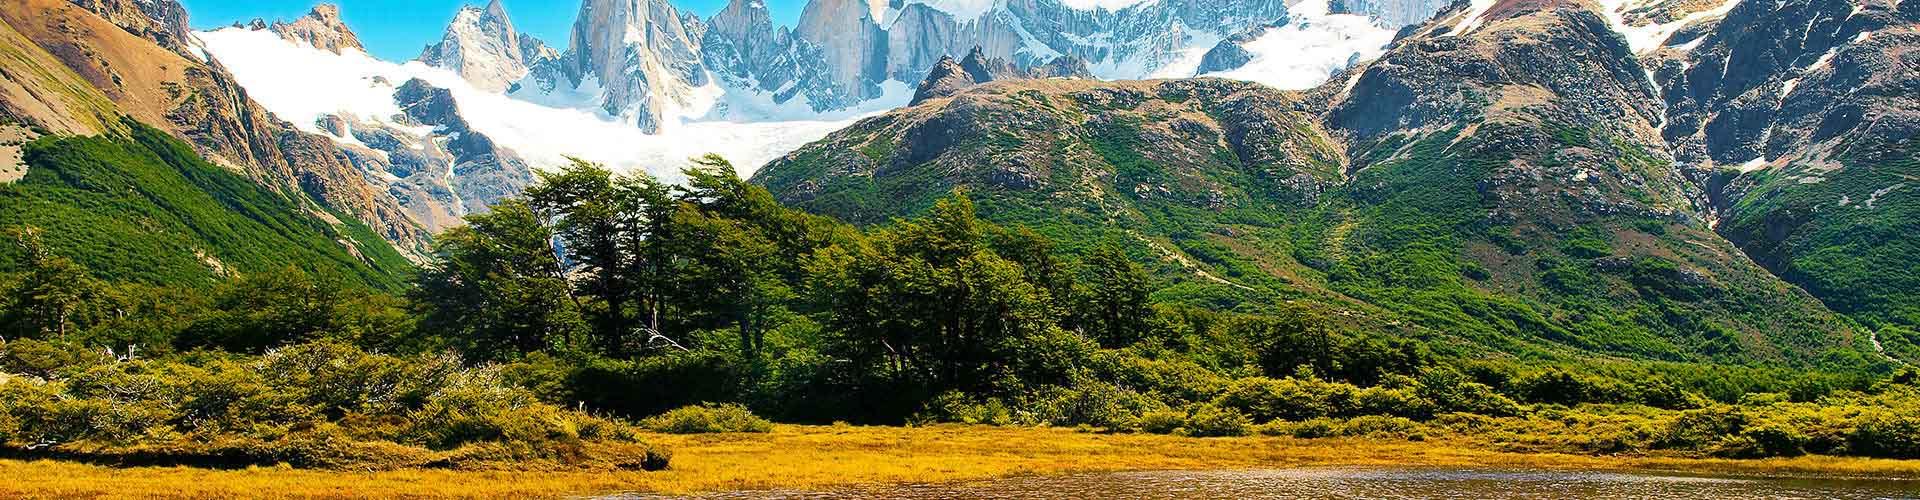 Mendoza - Campamentos en el distrito Parque Central. Mapas de Mendoza, Fotos y comentarios de cada Campamento en Mendoza.